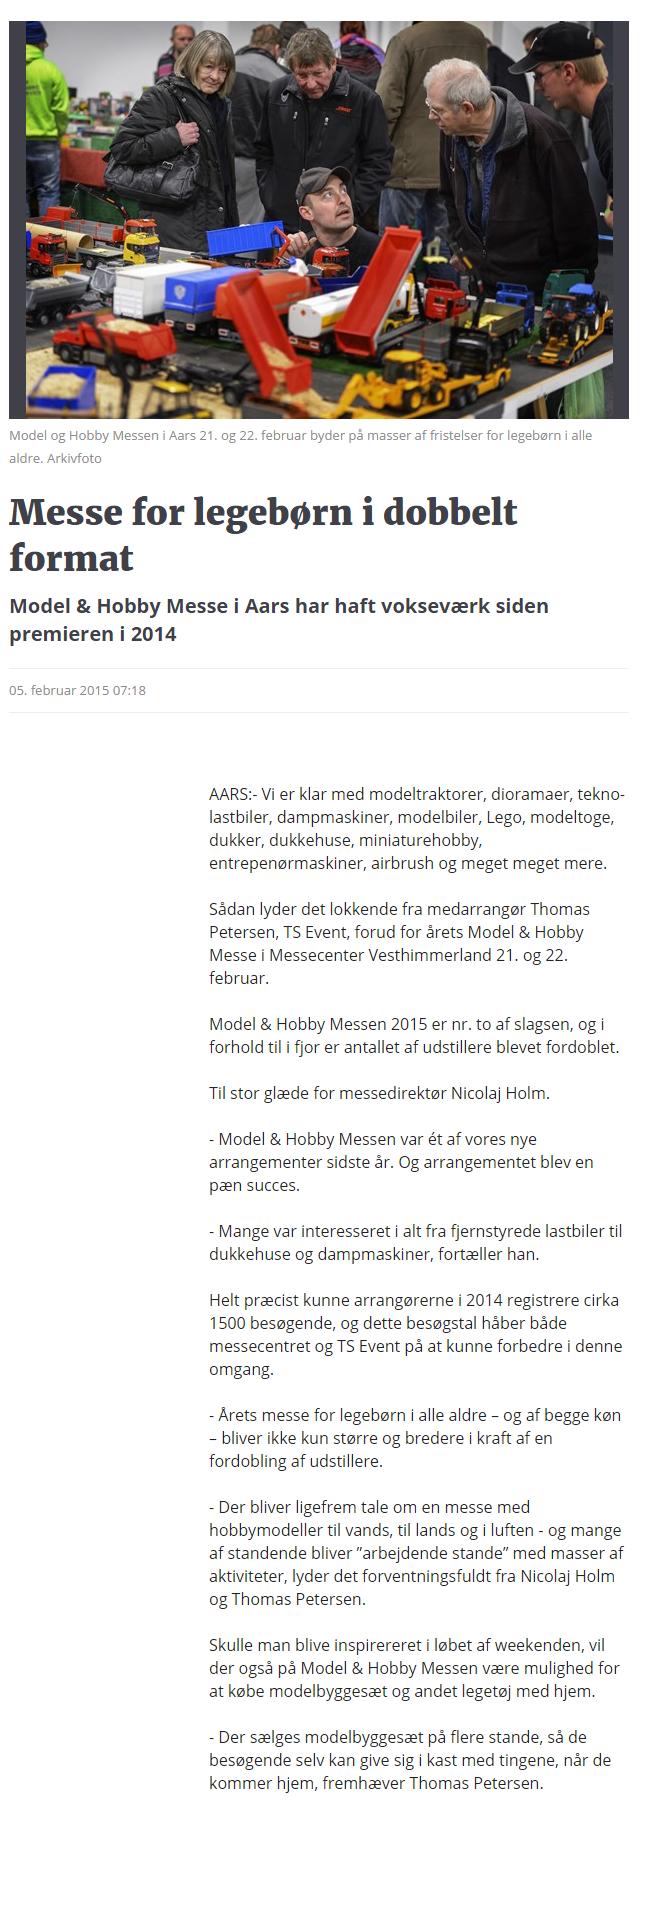 Messe for legebørn i dobbelt format   Nordjyske.dk